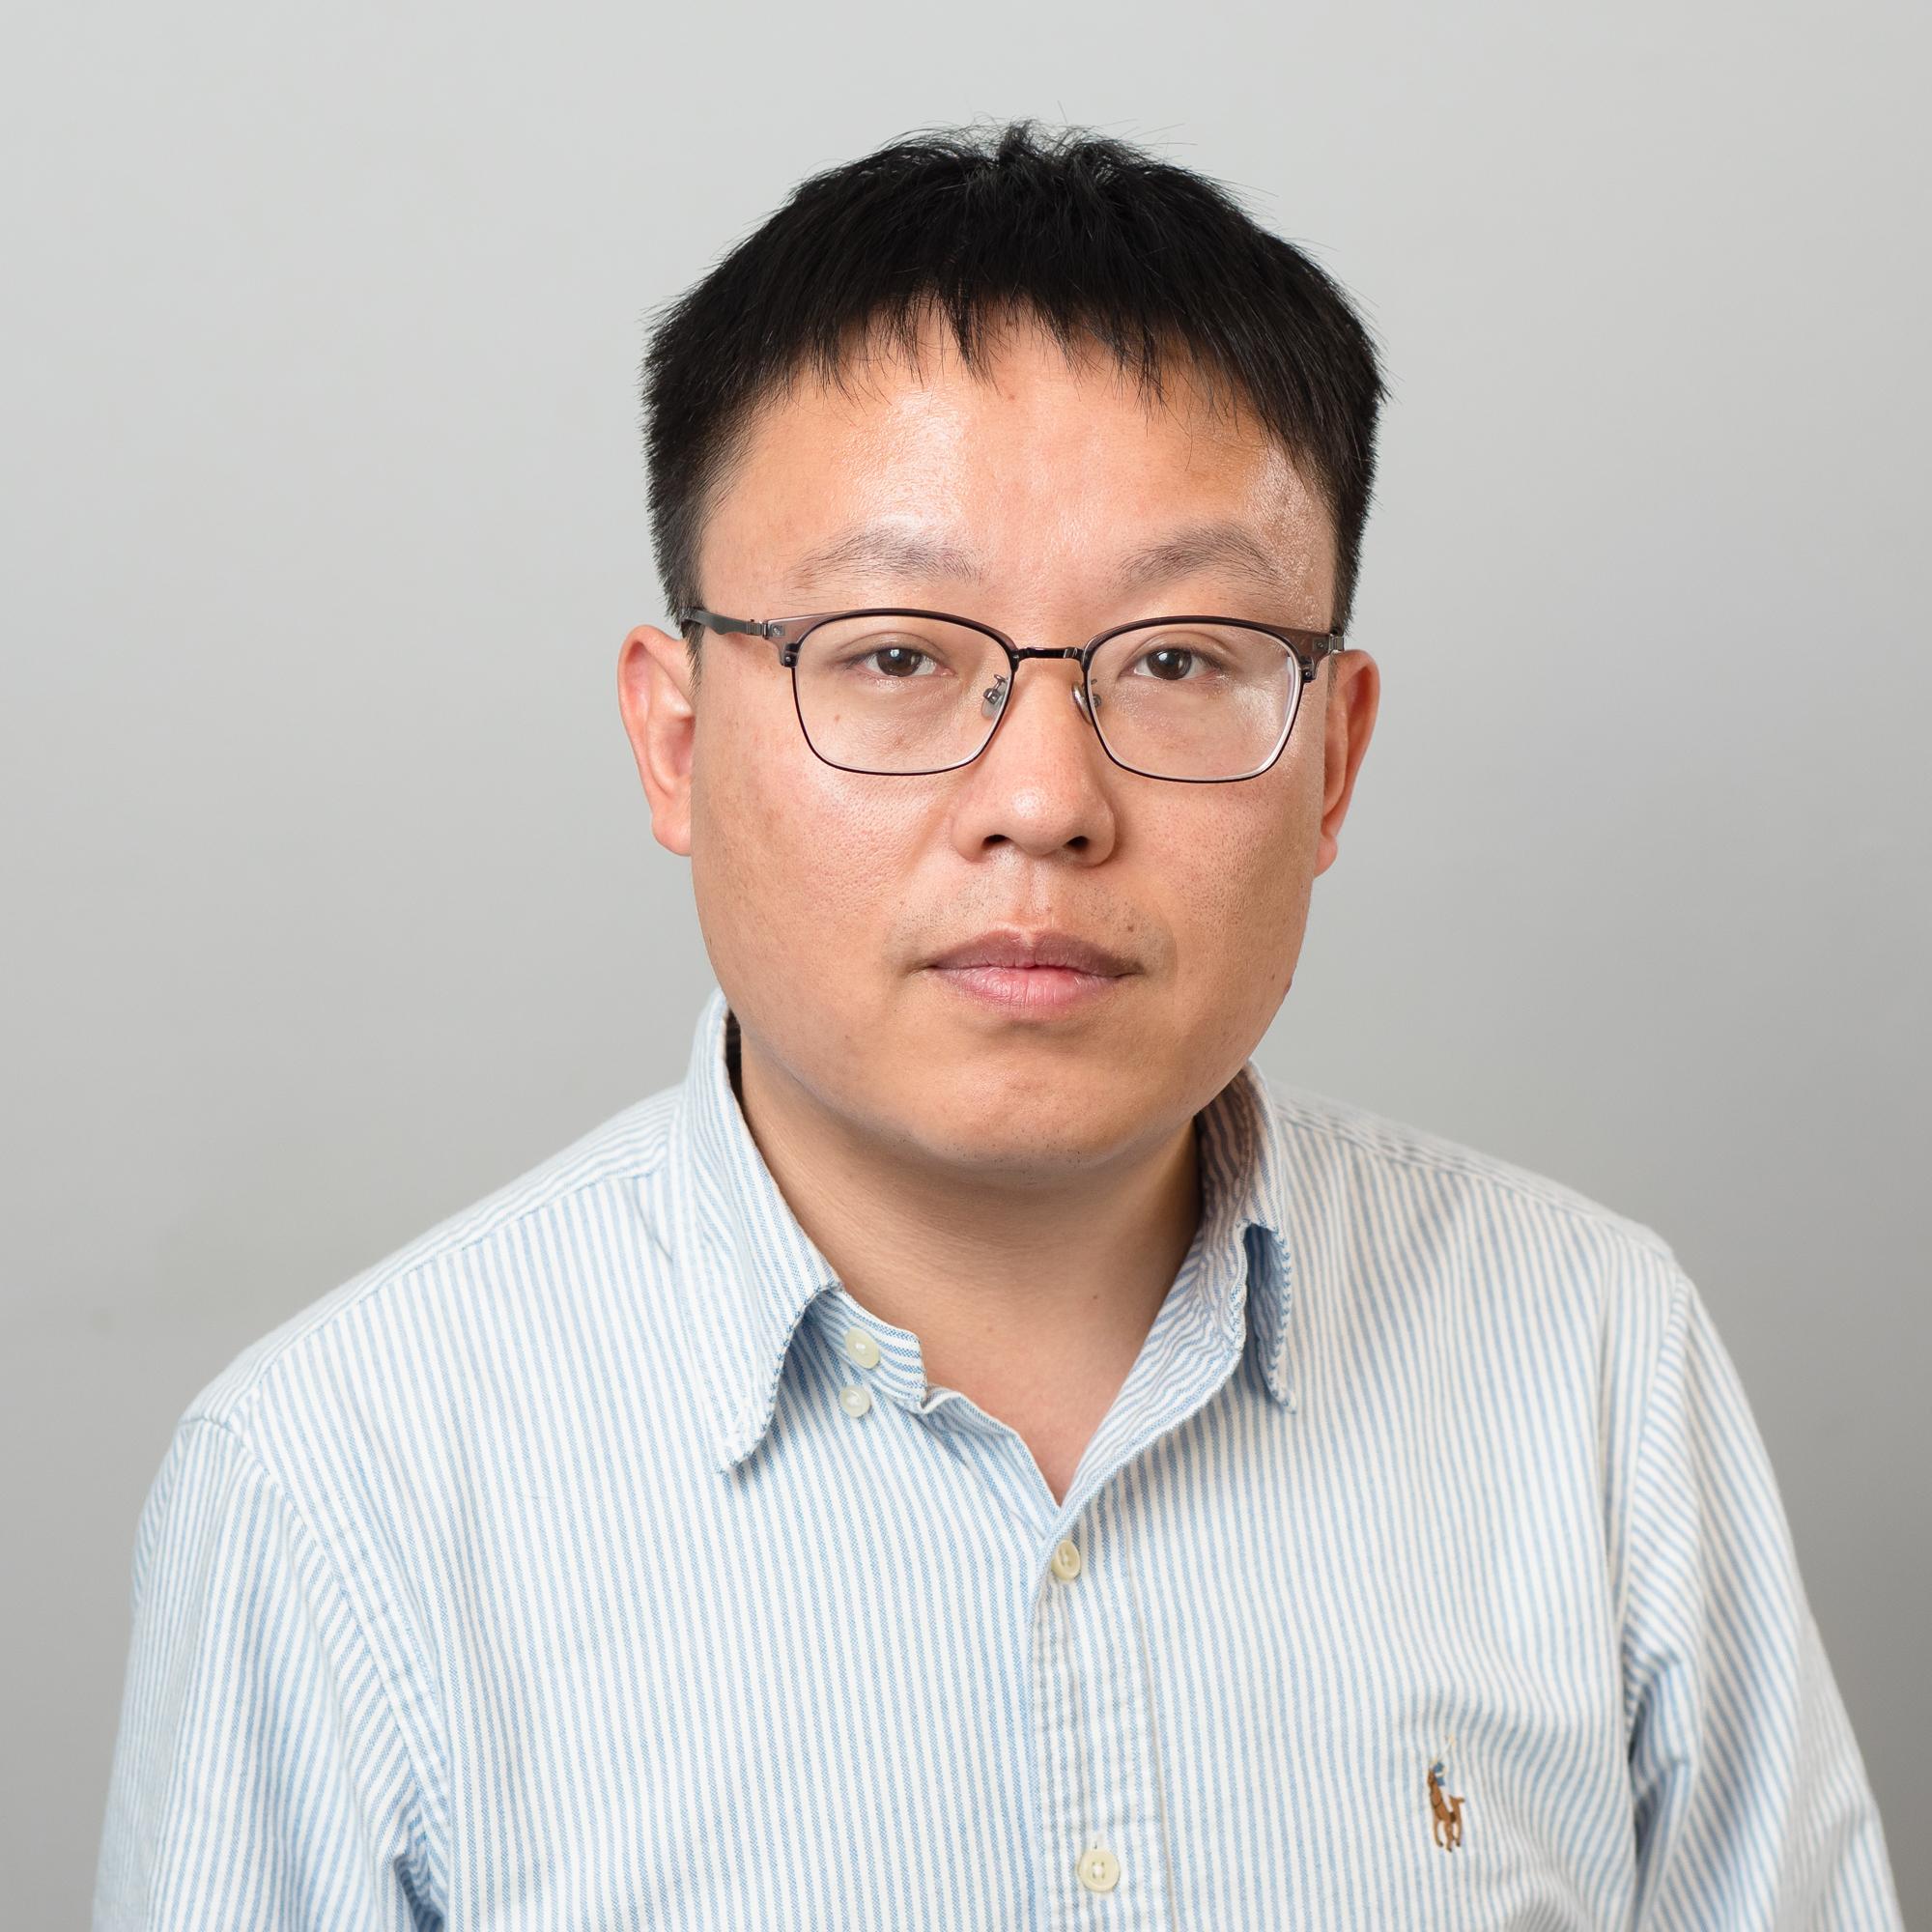 Zhenggang Xu